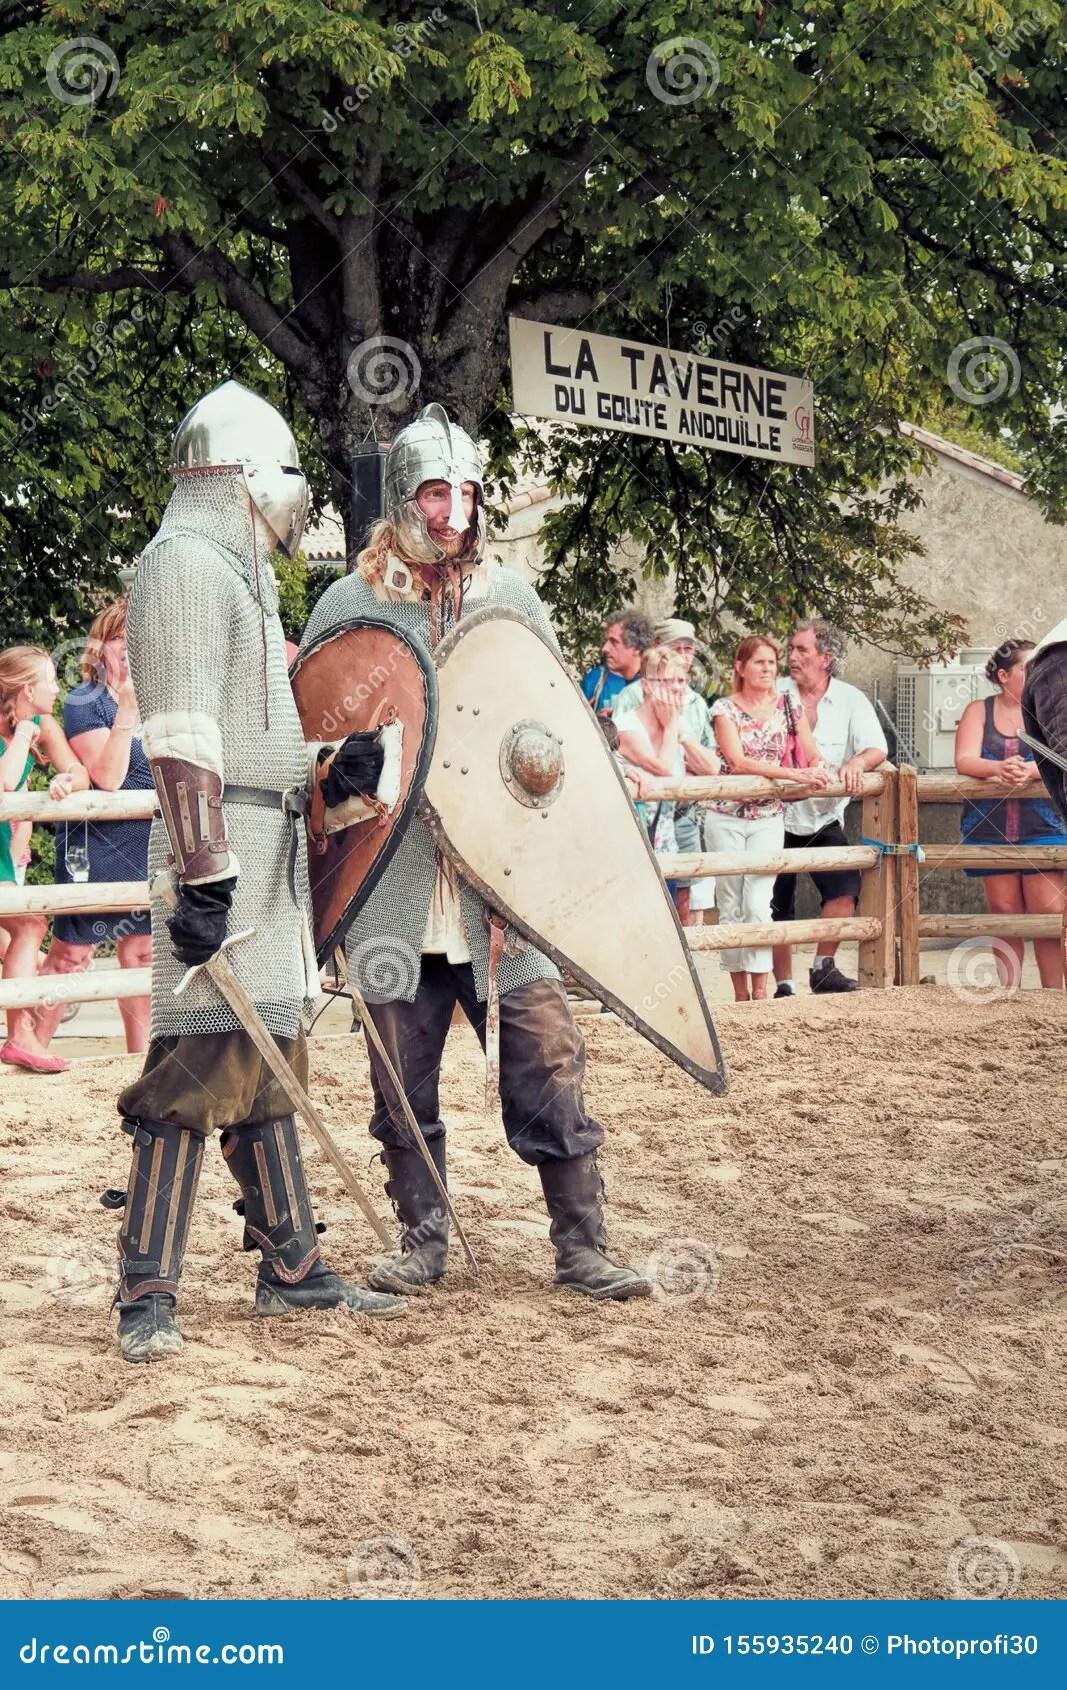 Pour être livré via ubereats pour metz : Knights Fighting Editorial Image Image Of Event Duel 155935240